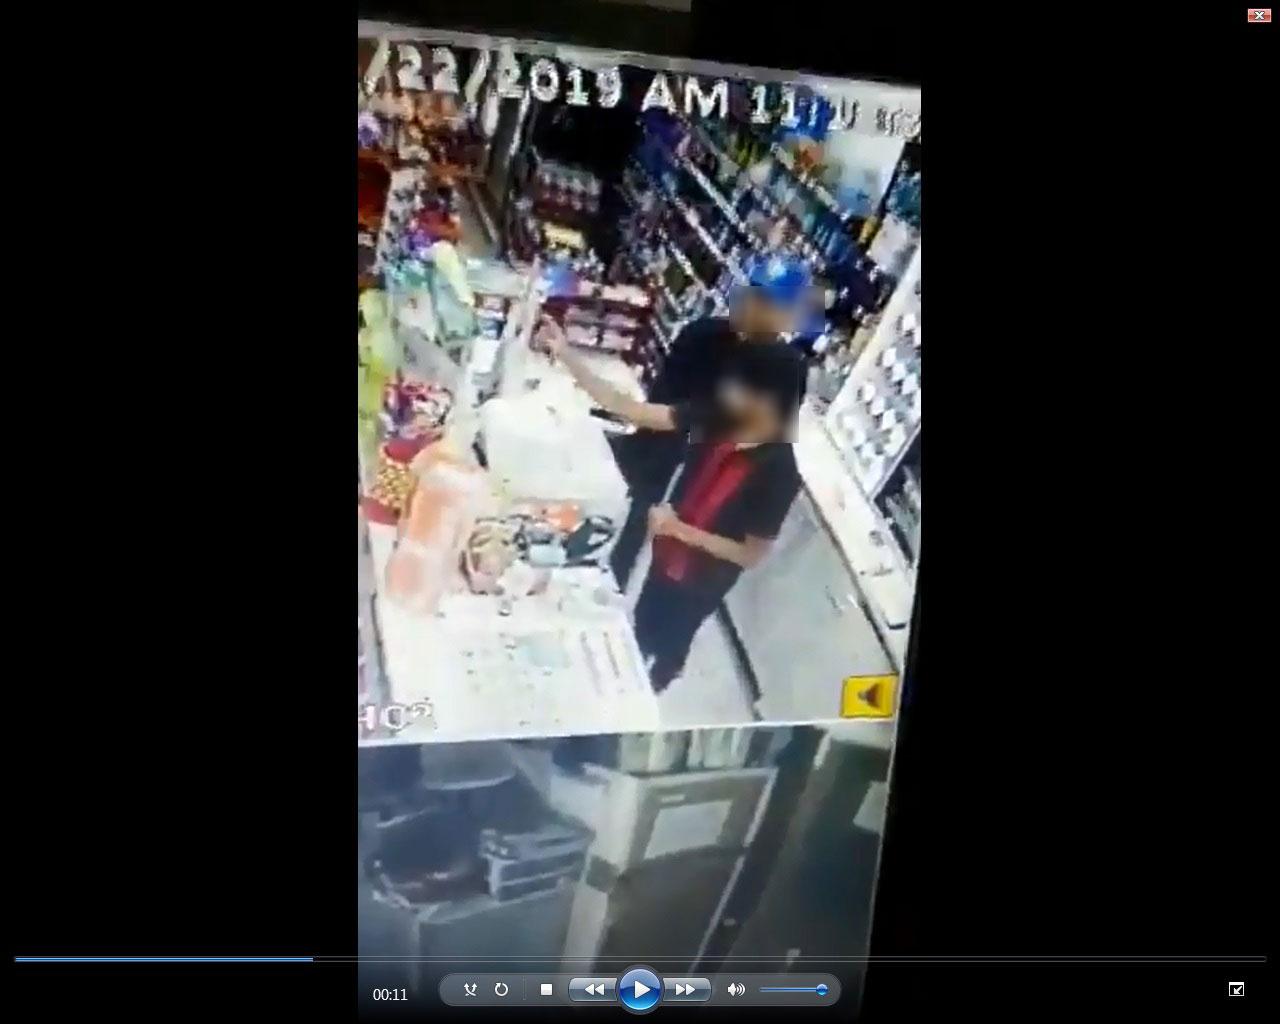 嫌犯掏出藏在衣服的刀子,制伏及恐吓店员打开收银台。